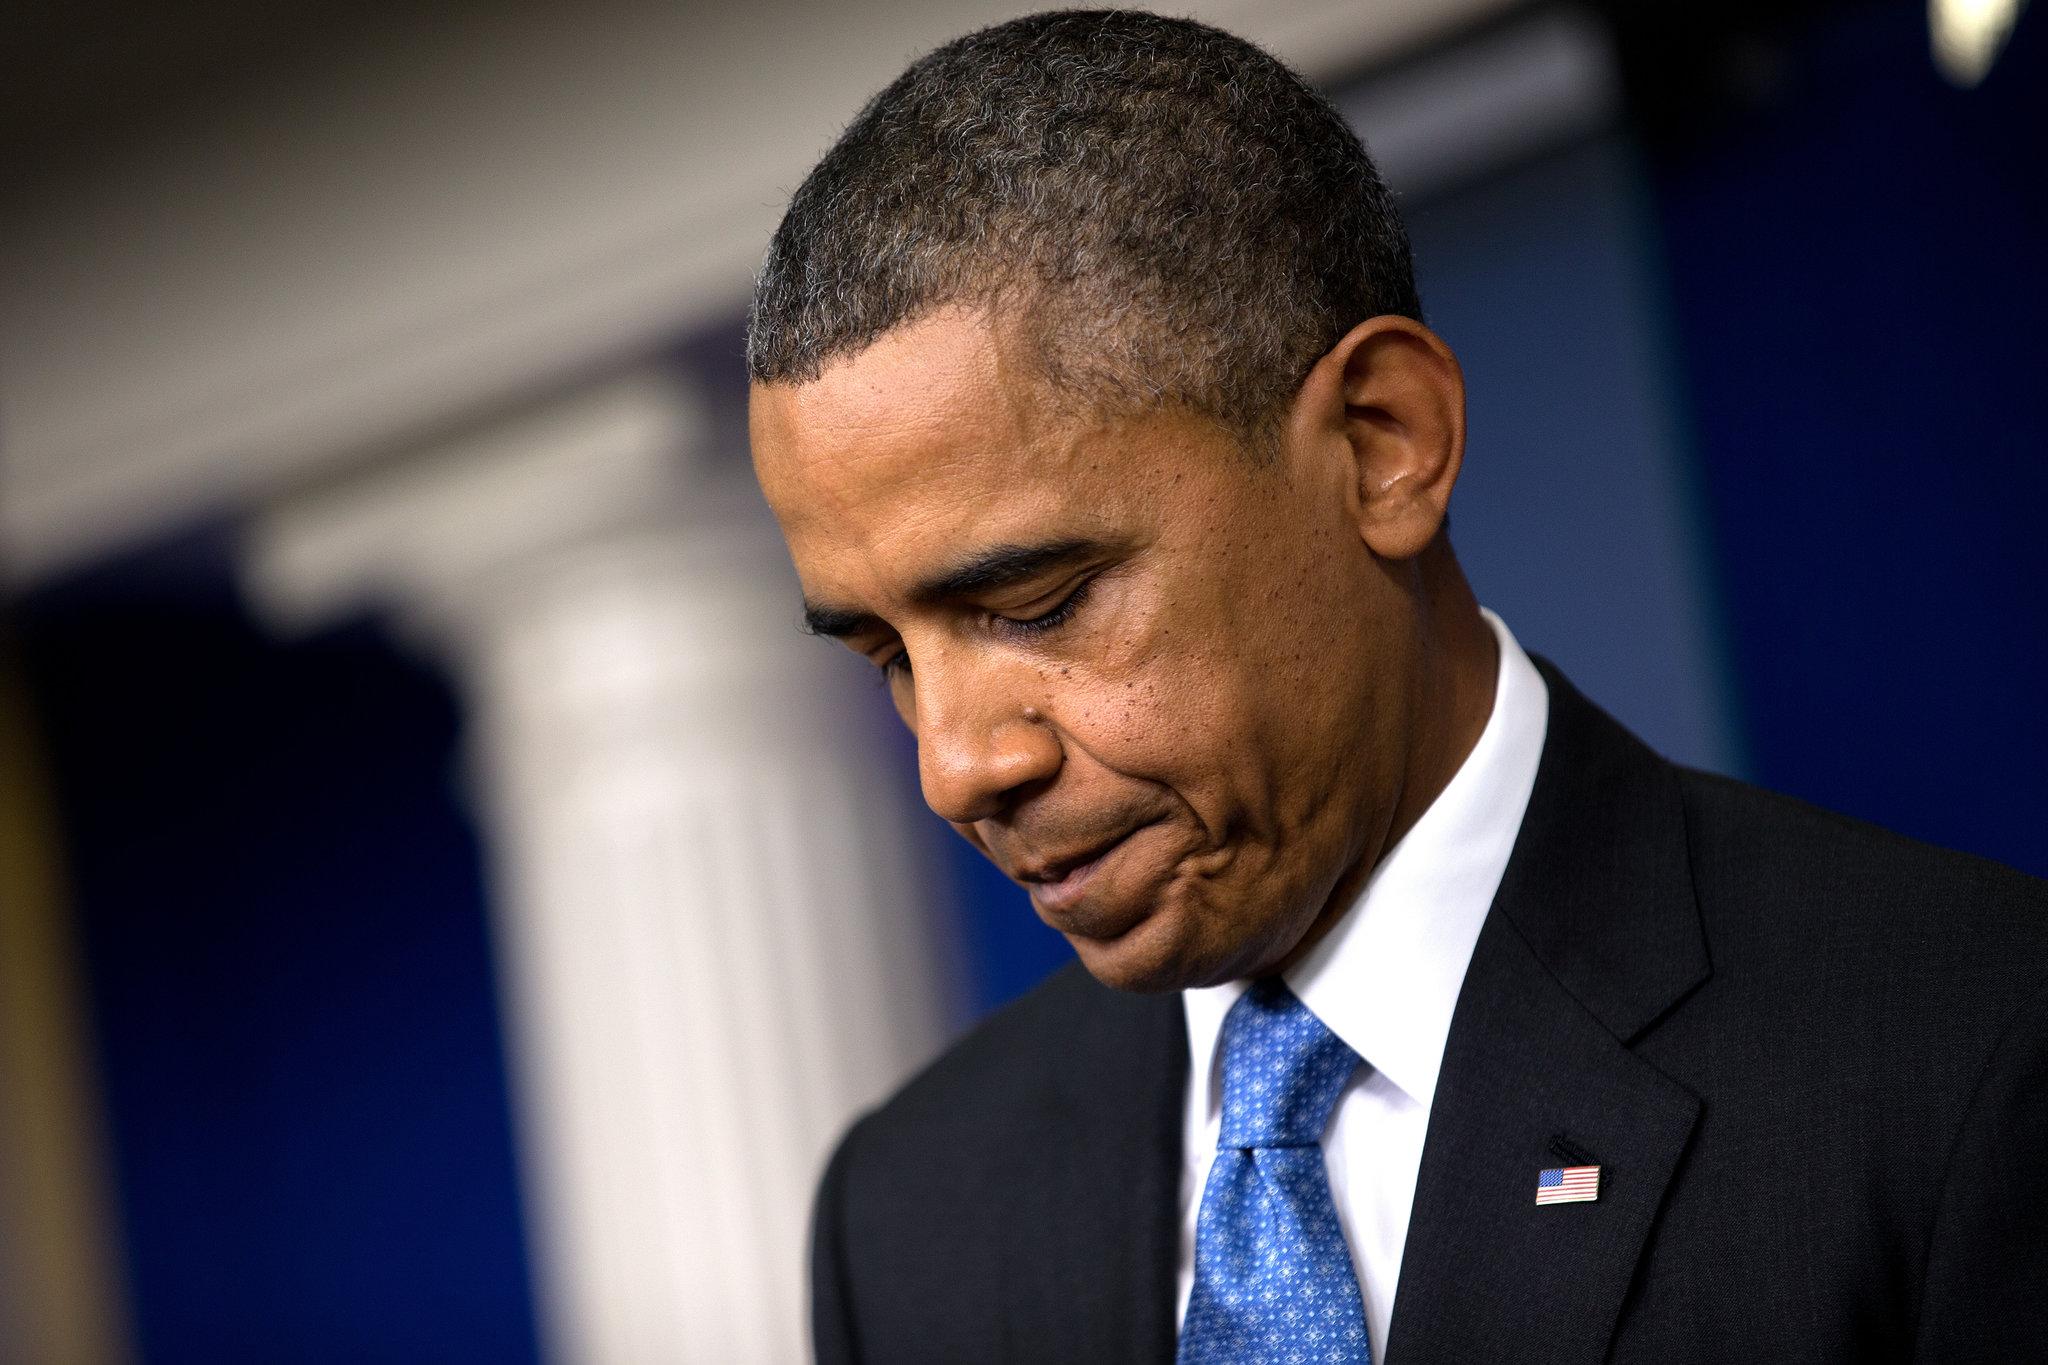 الرئيس الامريكي باراك أوباما